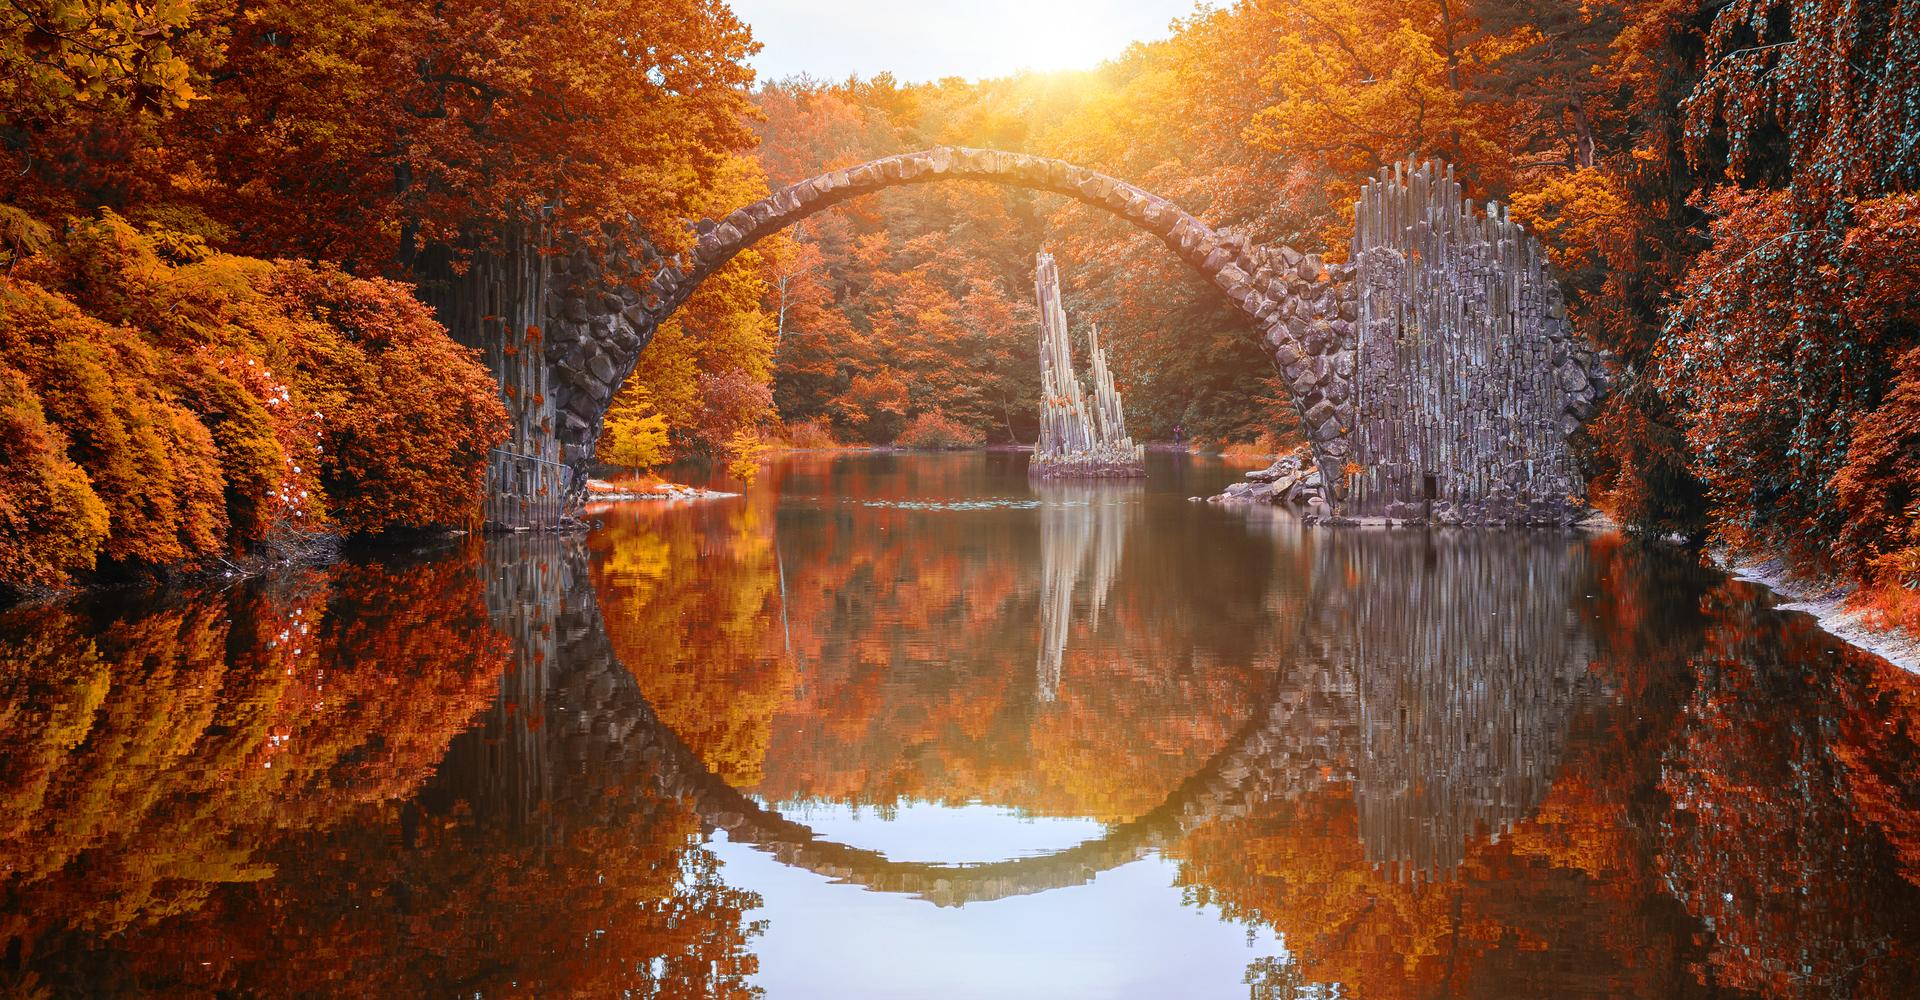 Spiegelungen im Wasser sind ein beliebtes Foto-Motiv.